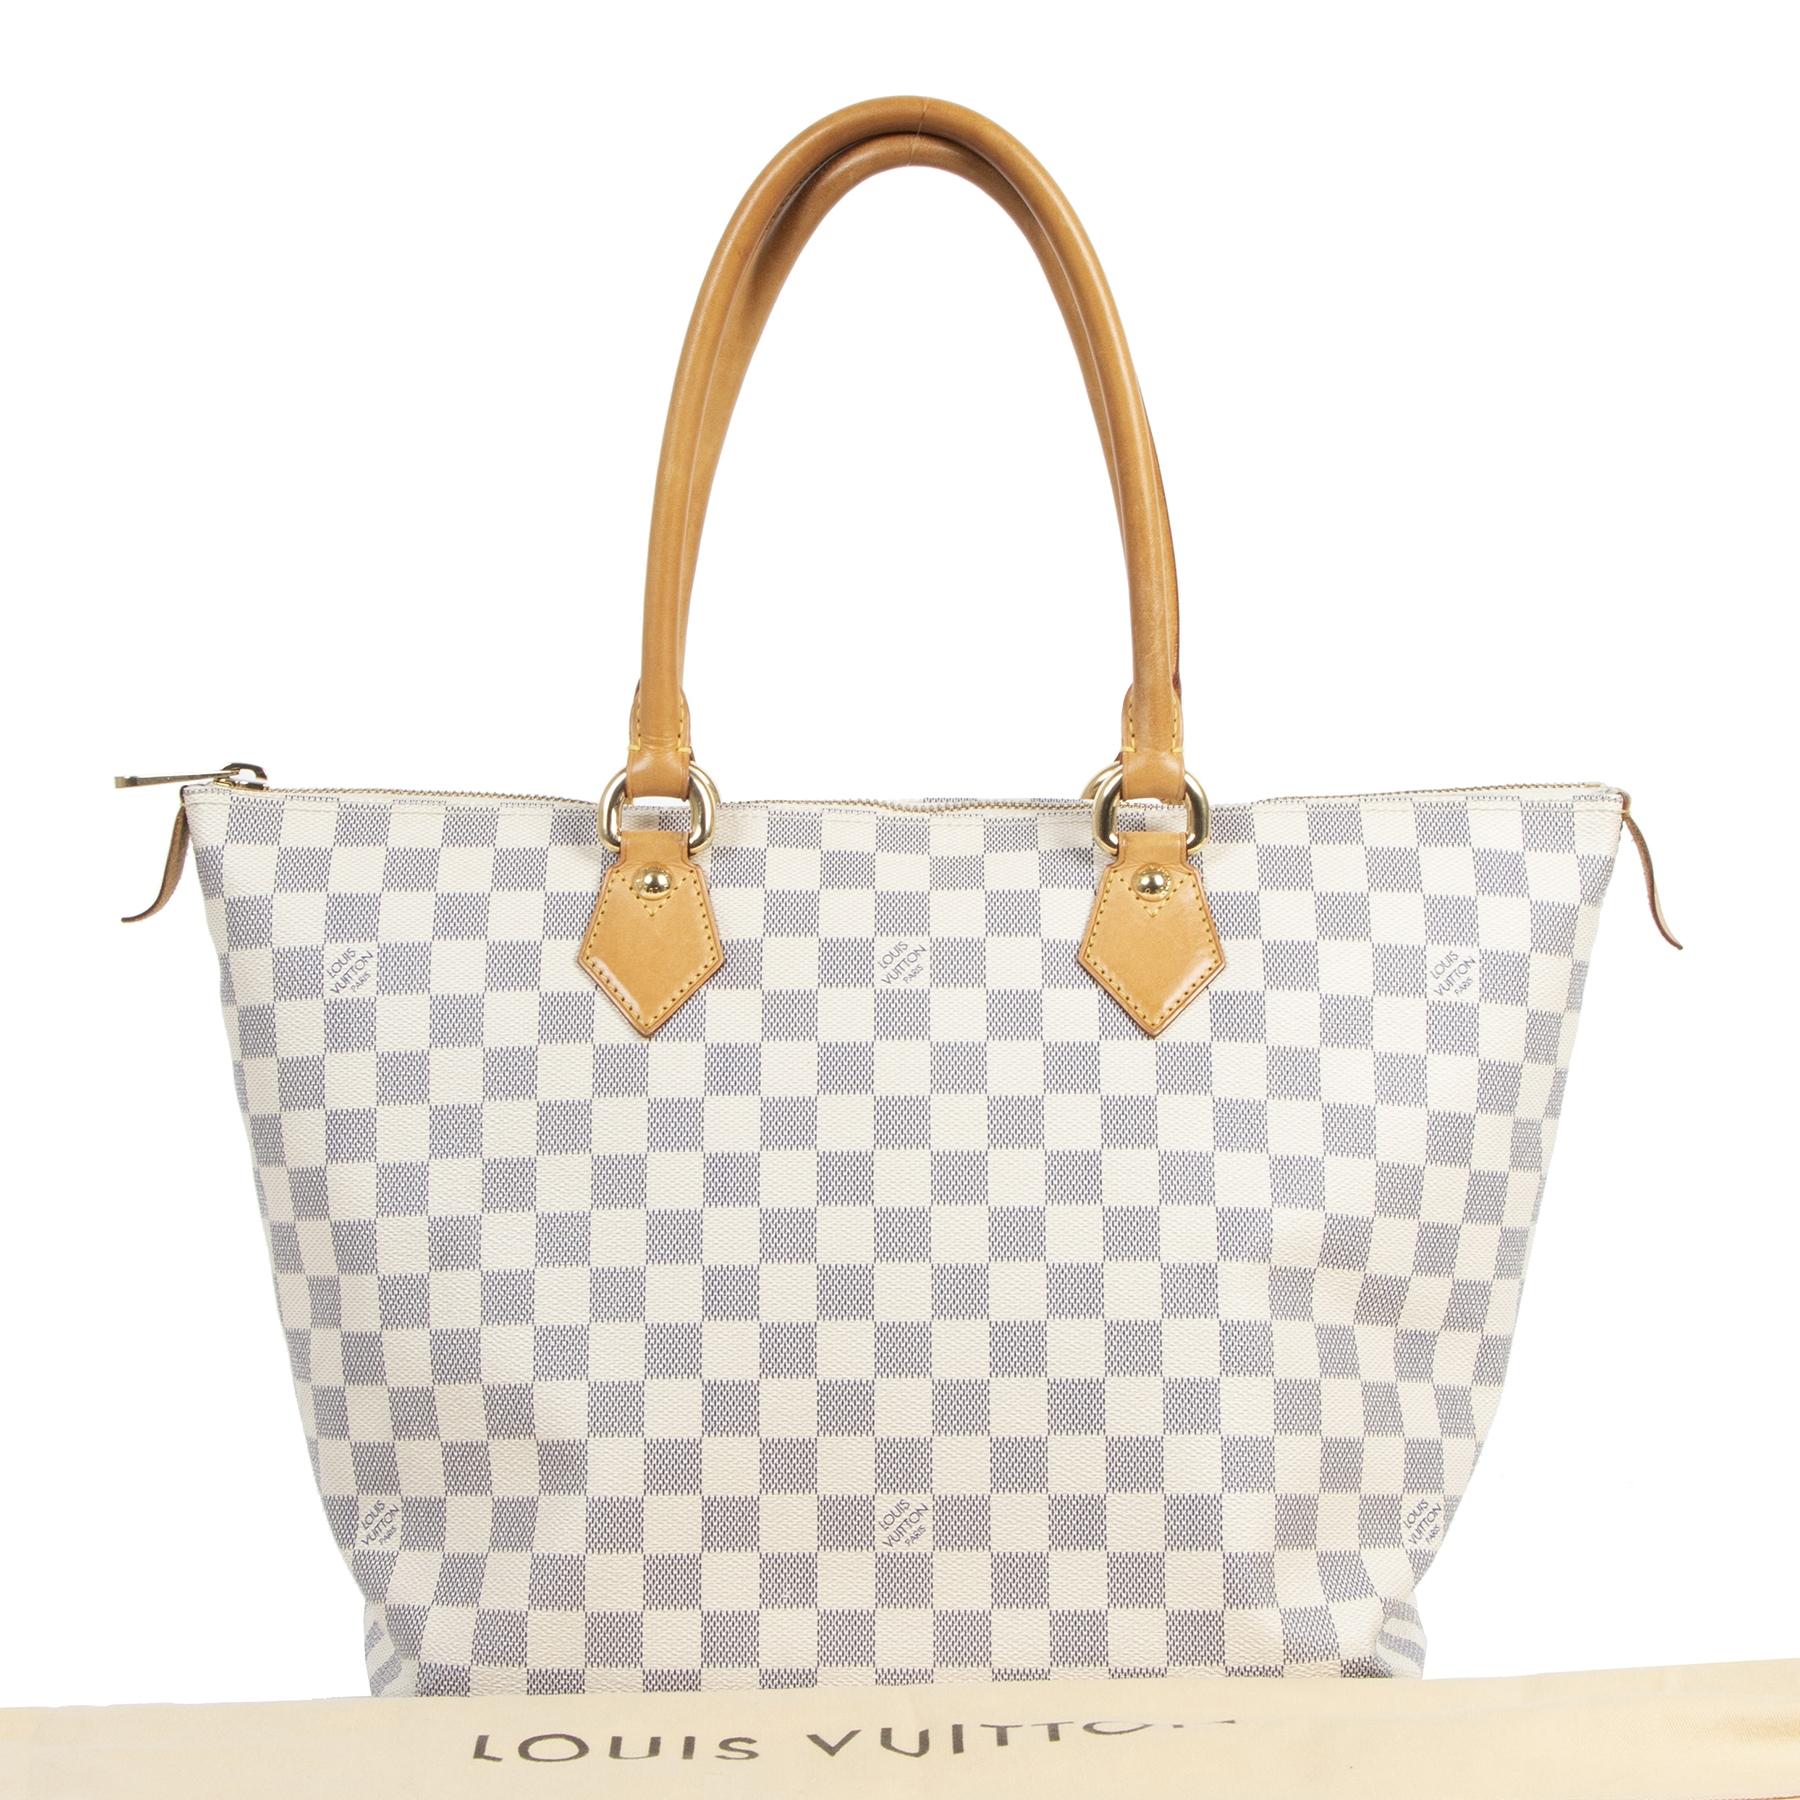 Koop online veilig, authentieke tweedehands Louis Vuitton tassen met de juiste prijs bij LabelLOV.